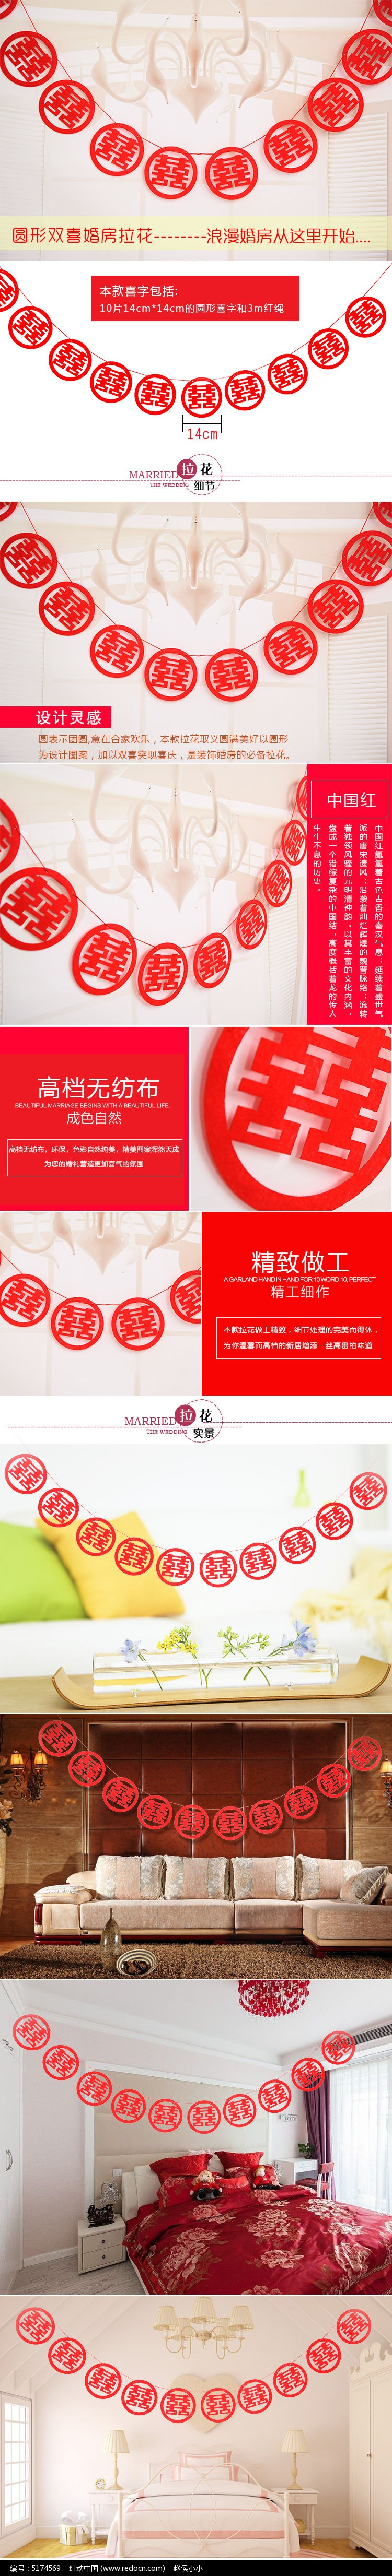 圆形镂空红色无纺布婚房装饰喜字拉花详情页图片